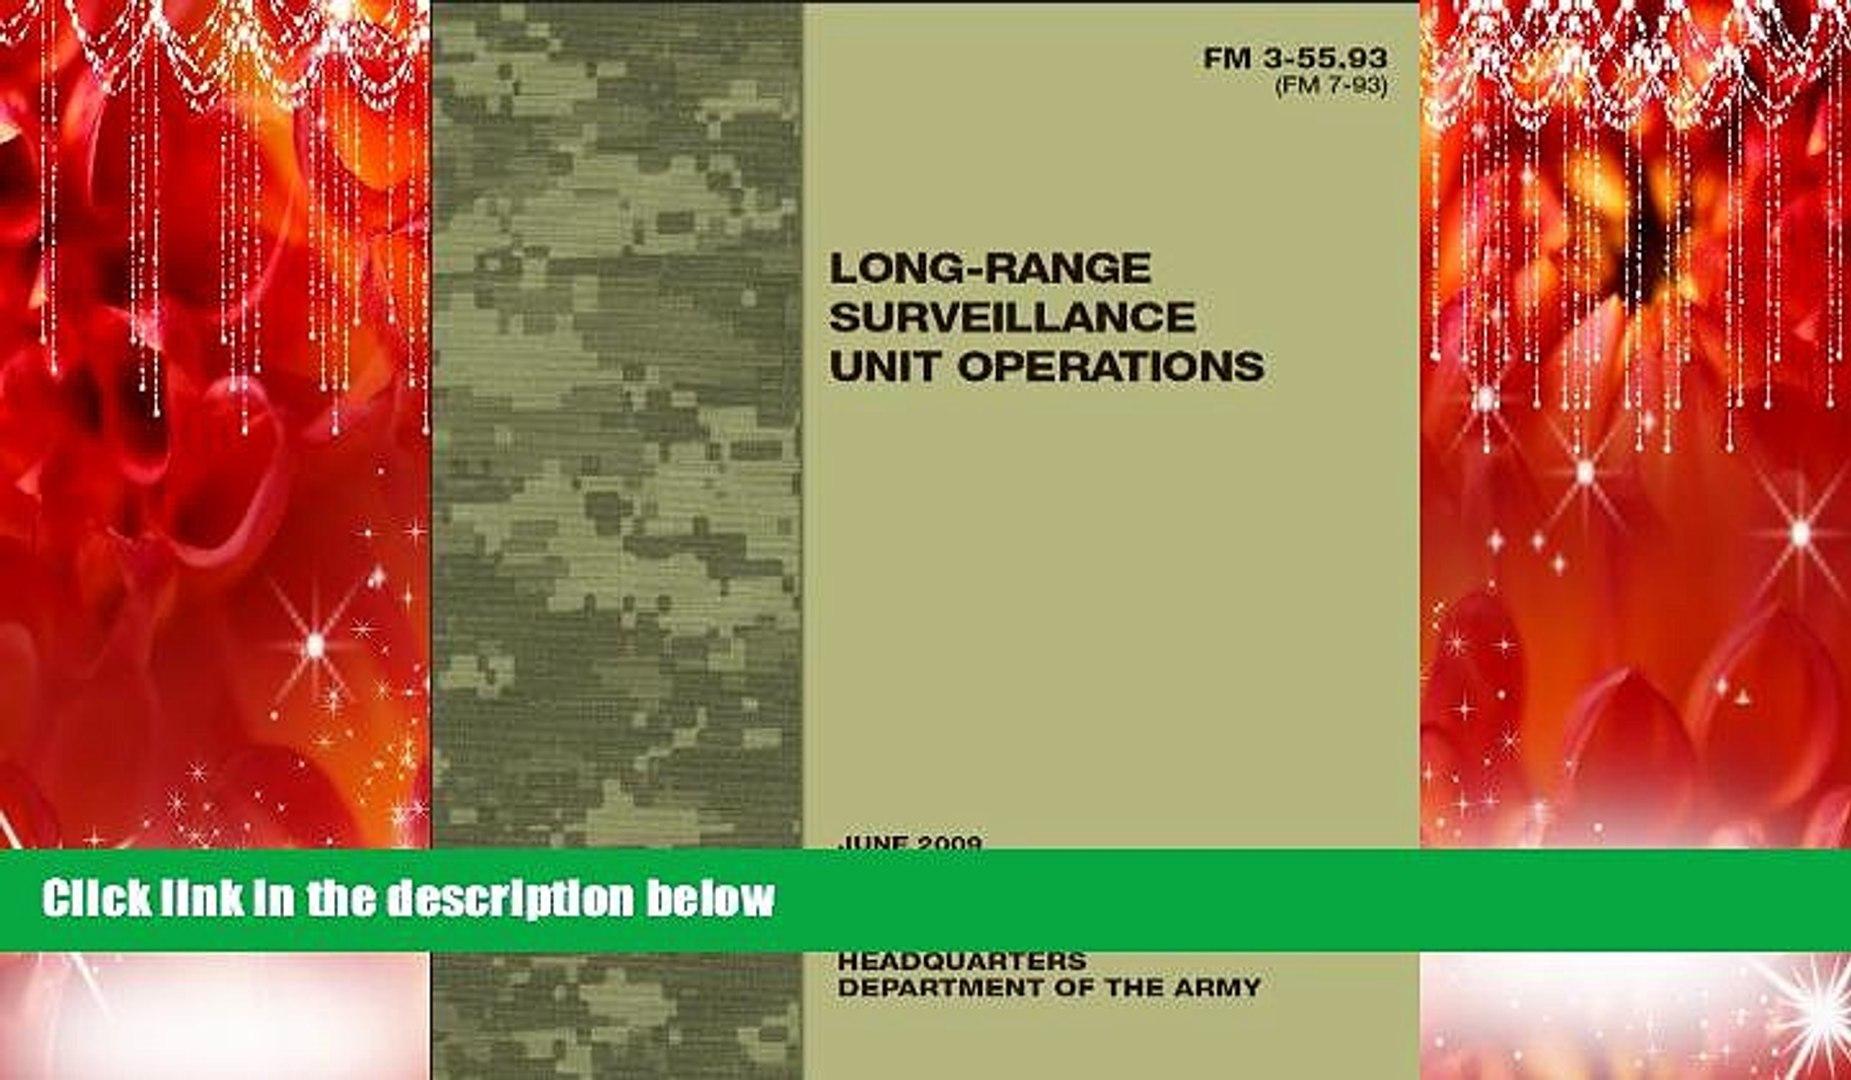 FAVORITE BOOK  Field Manual FM 3-55.93 (FM 7-93) Long-Range Surveillance Unit Operations June 2009